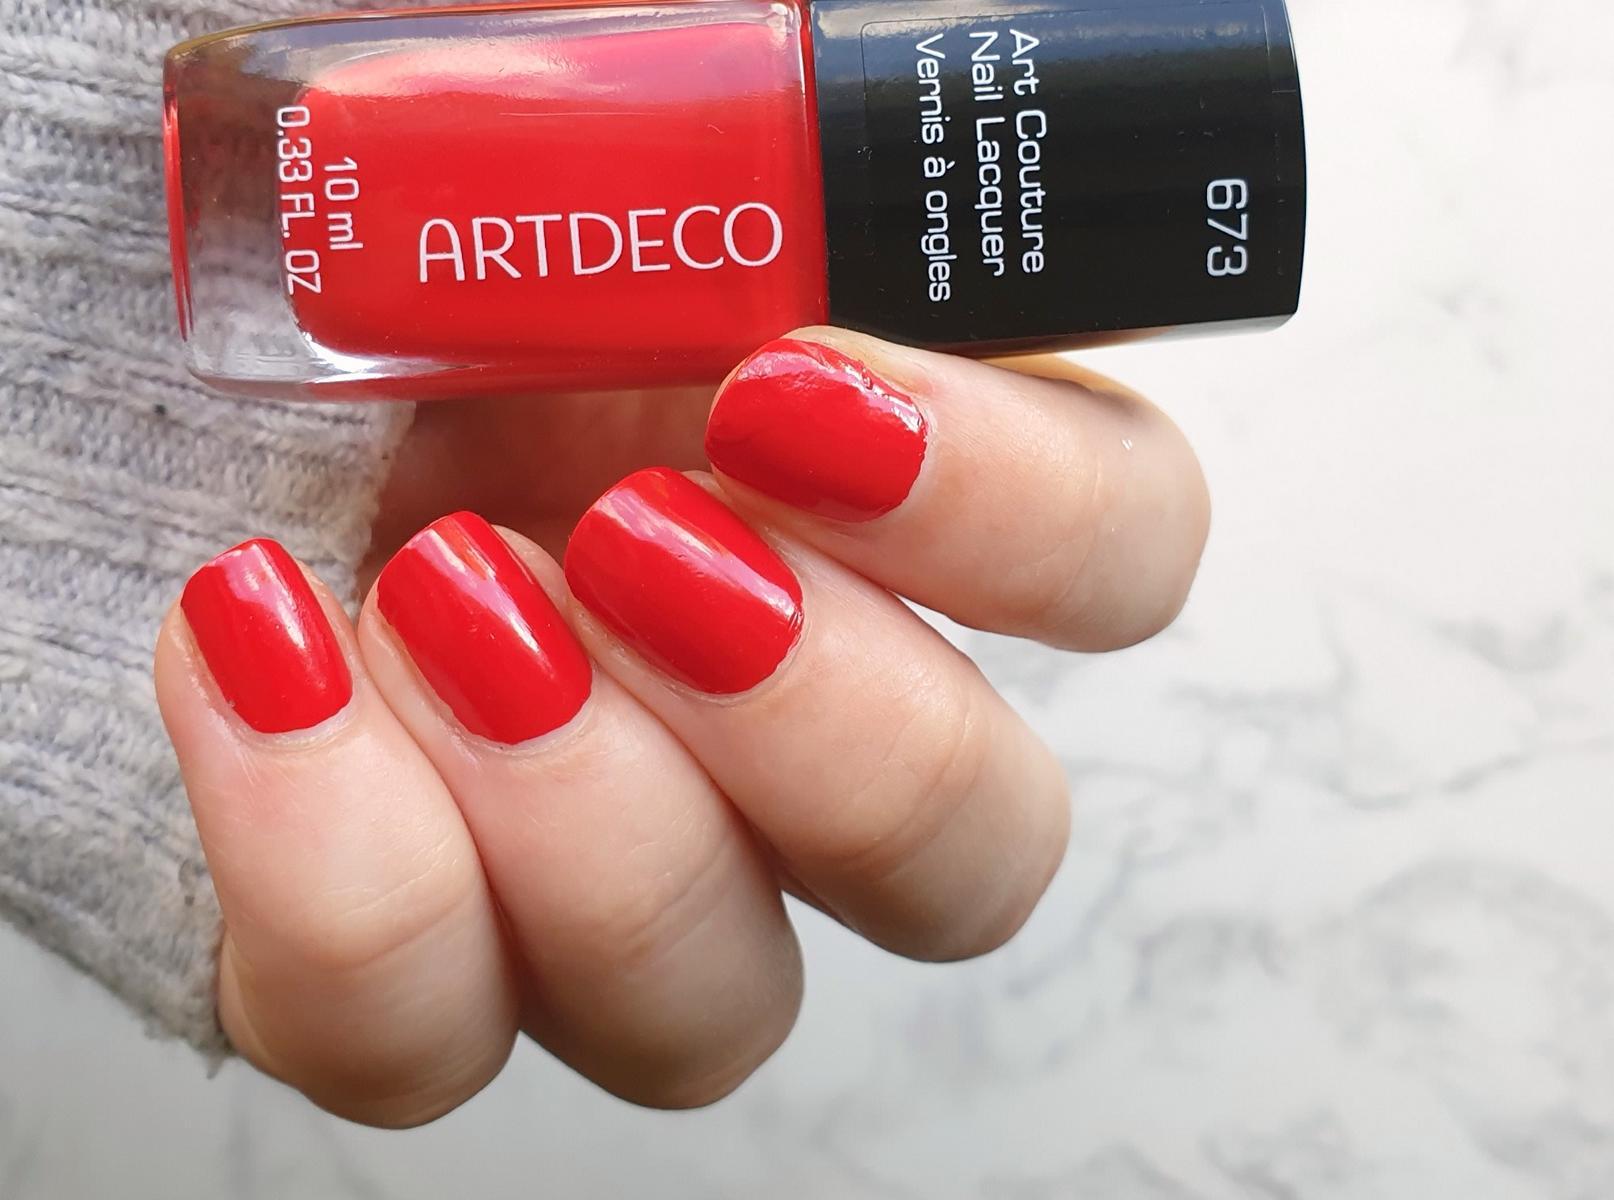 Artdeco Red Volcano